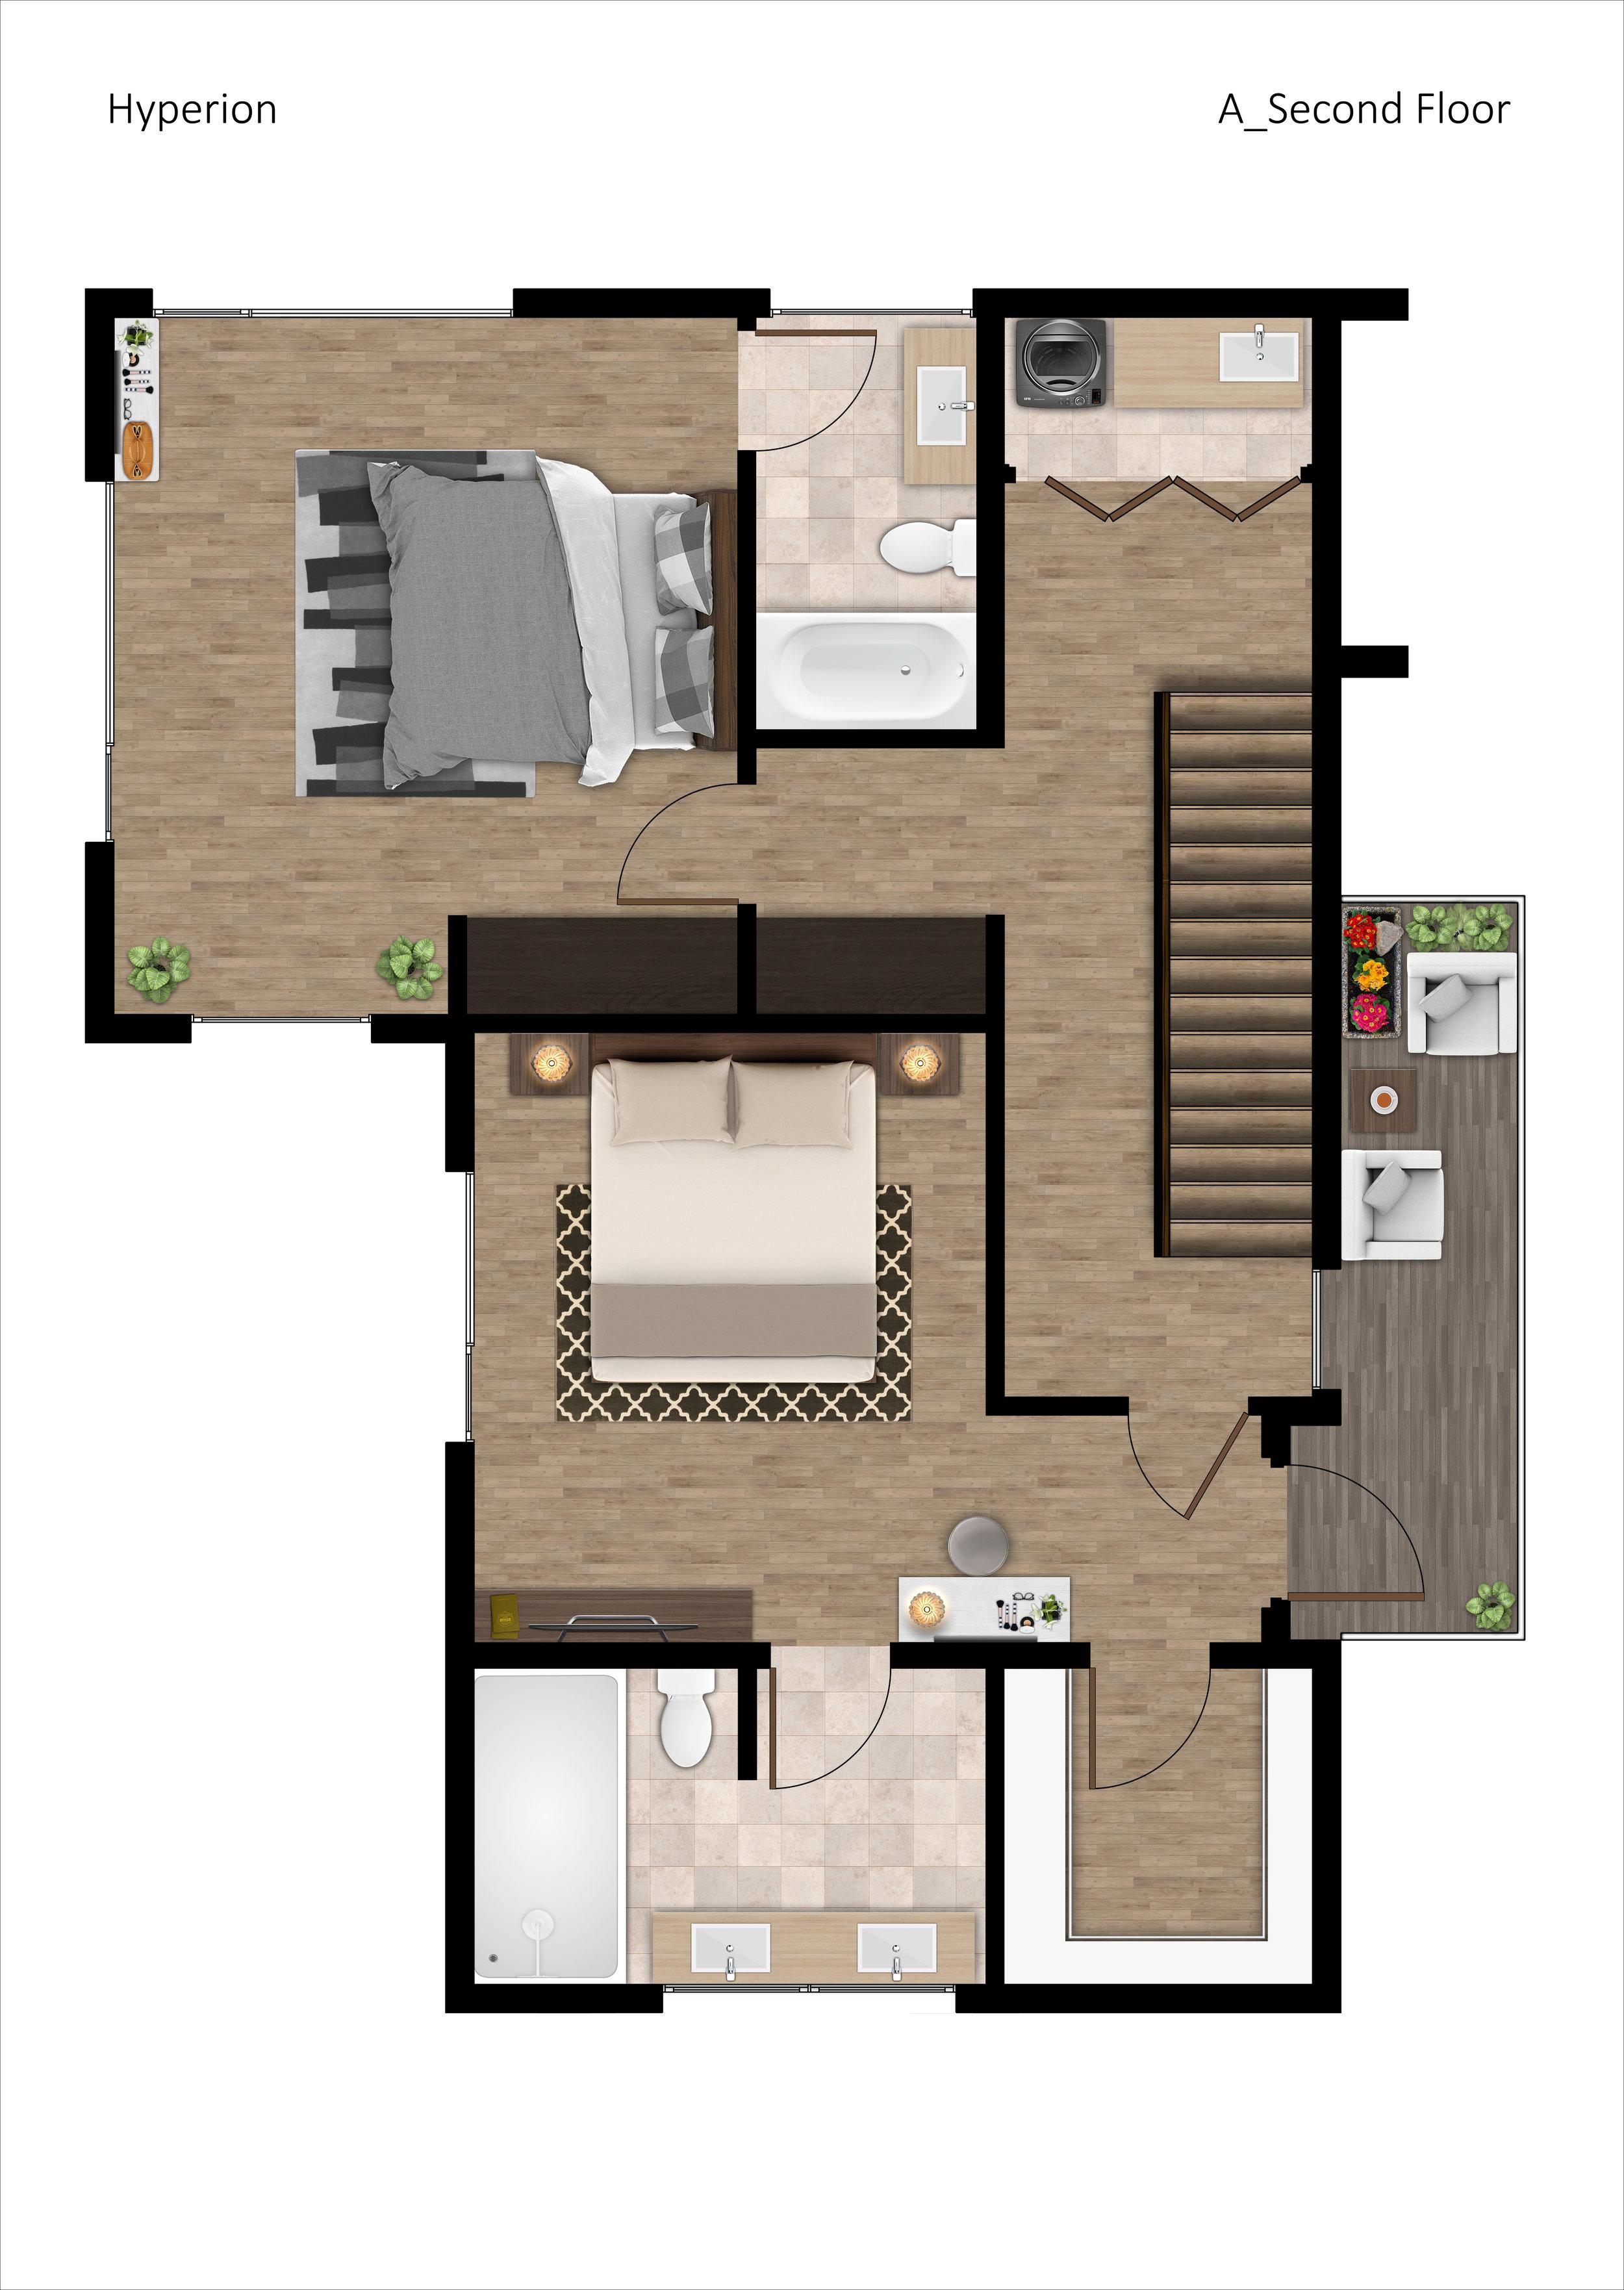 Hyperion_A_Second Floor_FNL.jpg